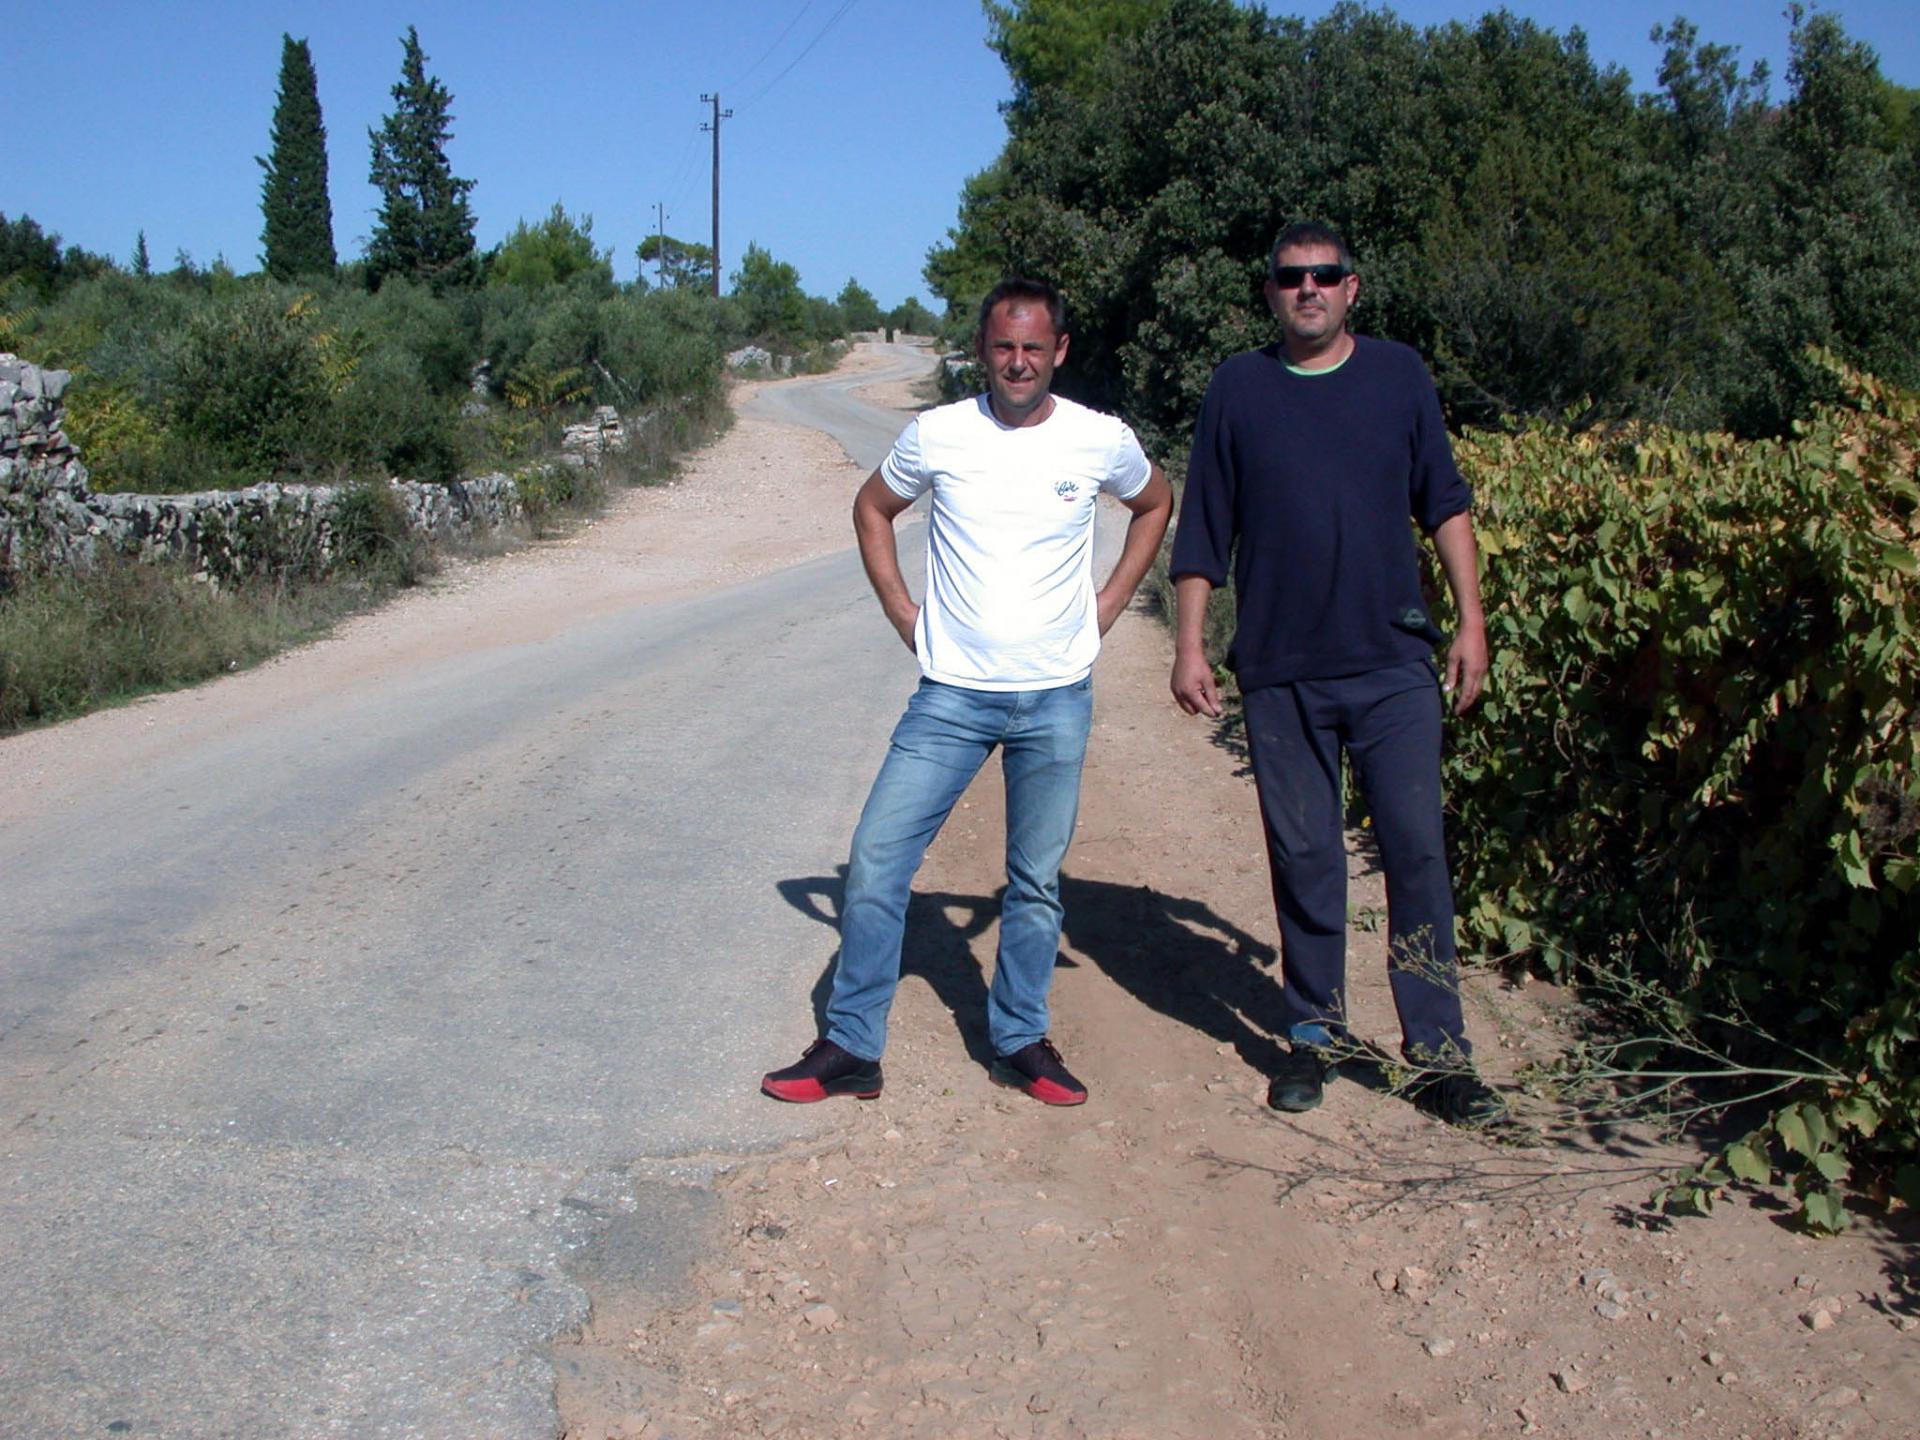 'Svi već godinama obećavaju da će cestu urediti, ali ništa od toga', kažu Mustafa Zilić i Saša Krunić